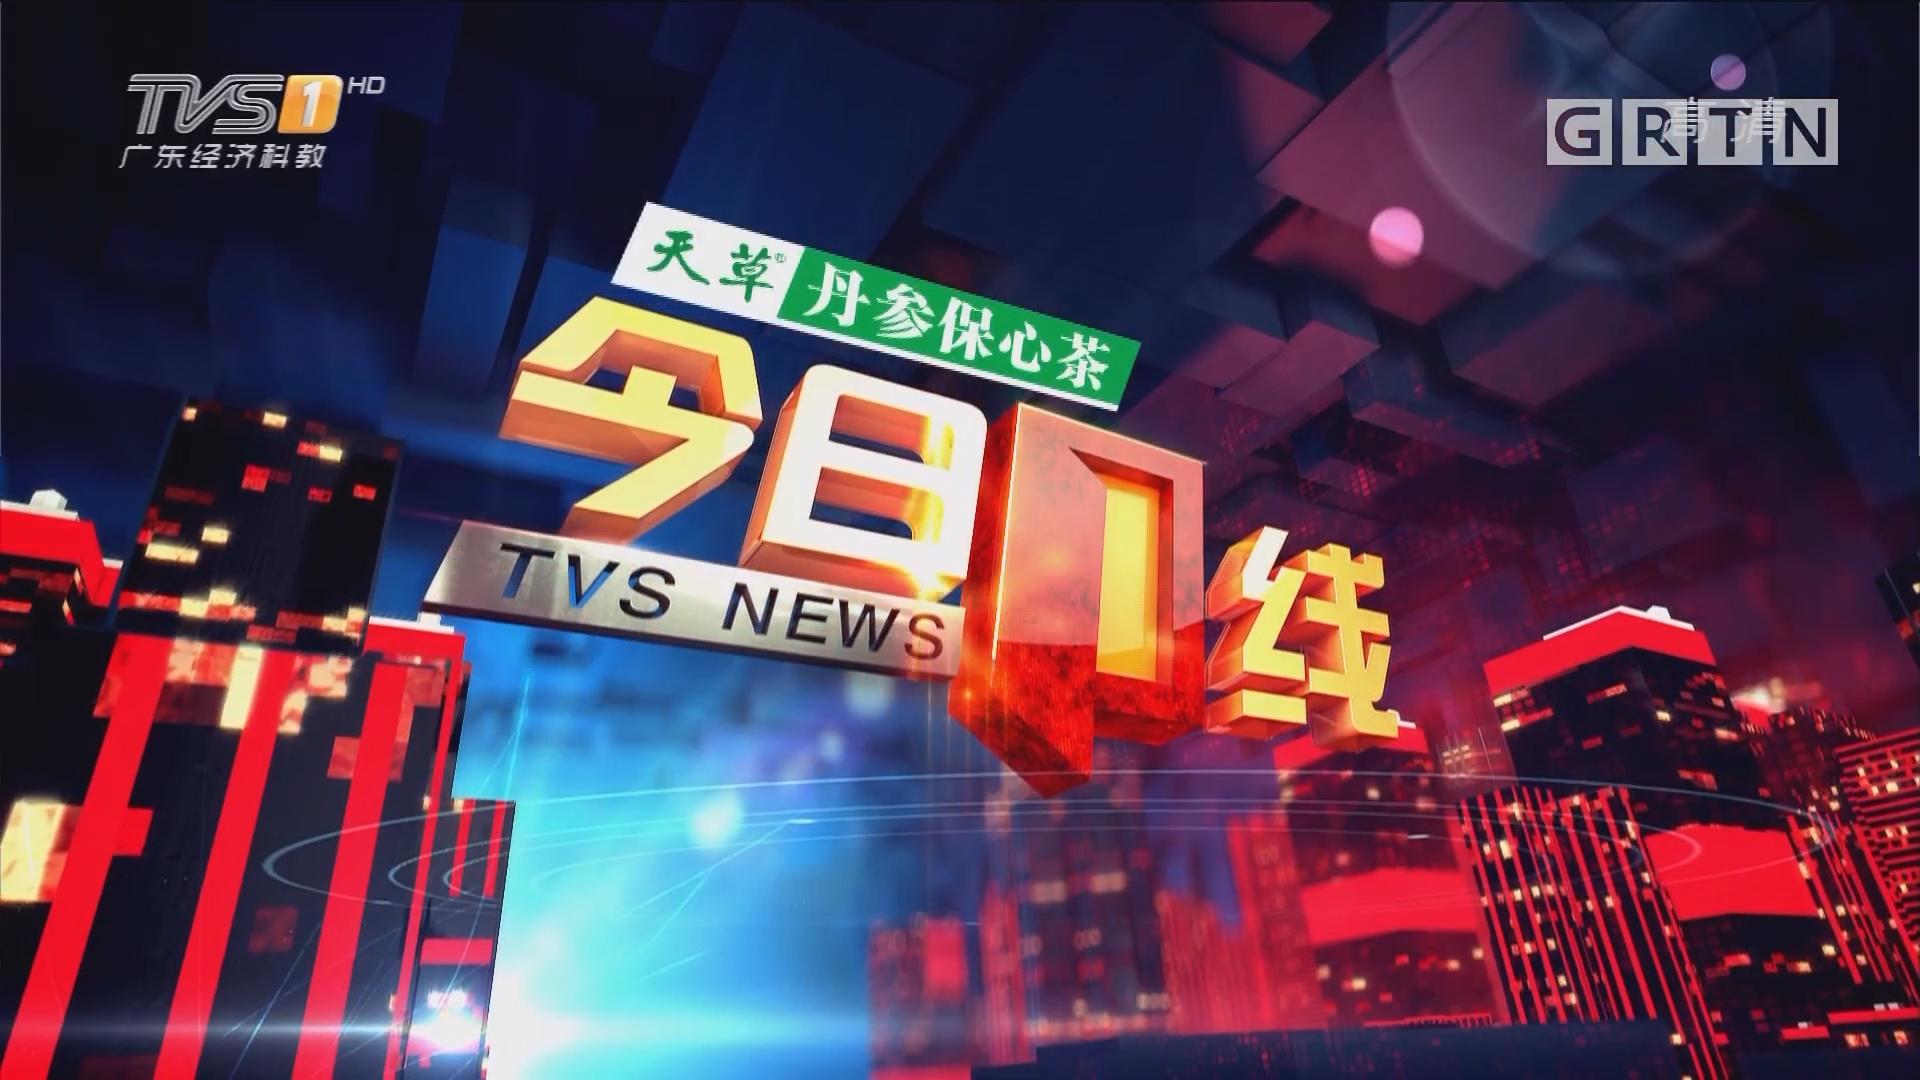 [HD][2018-01-02]今日一线:深圳停车费新规:公共公益性单位停车 半小时内免费